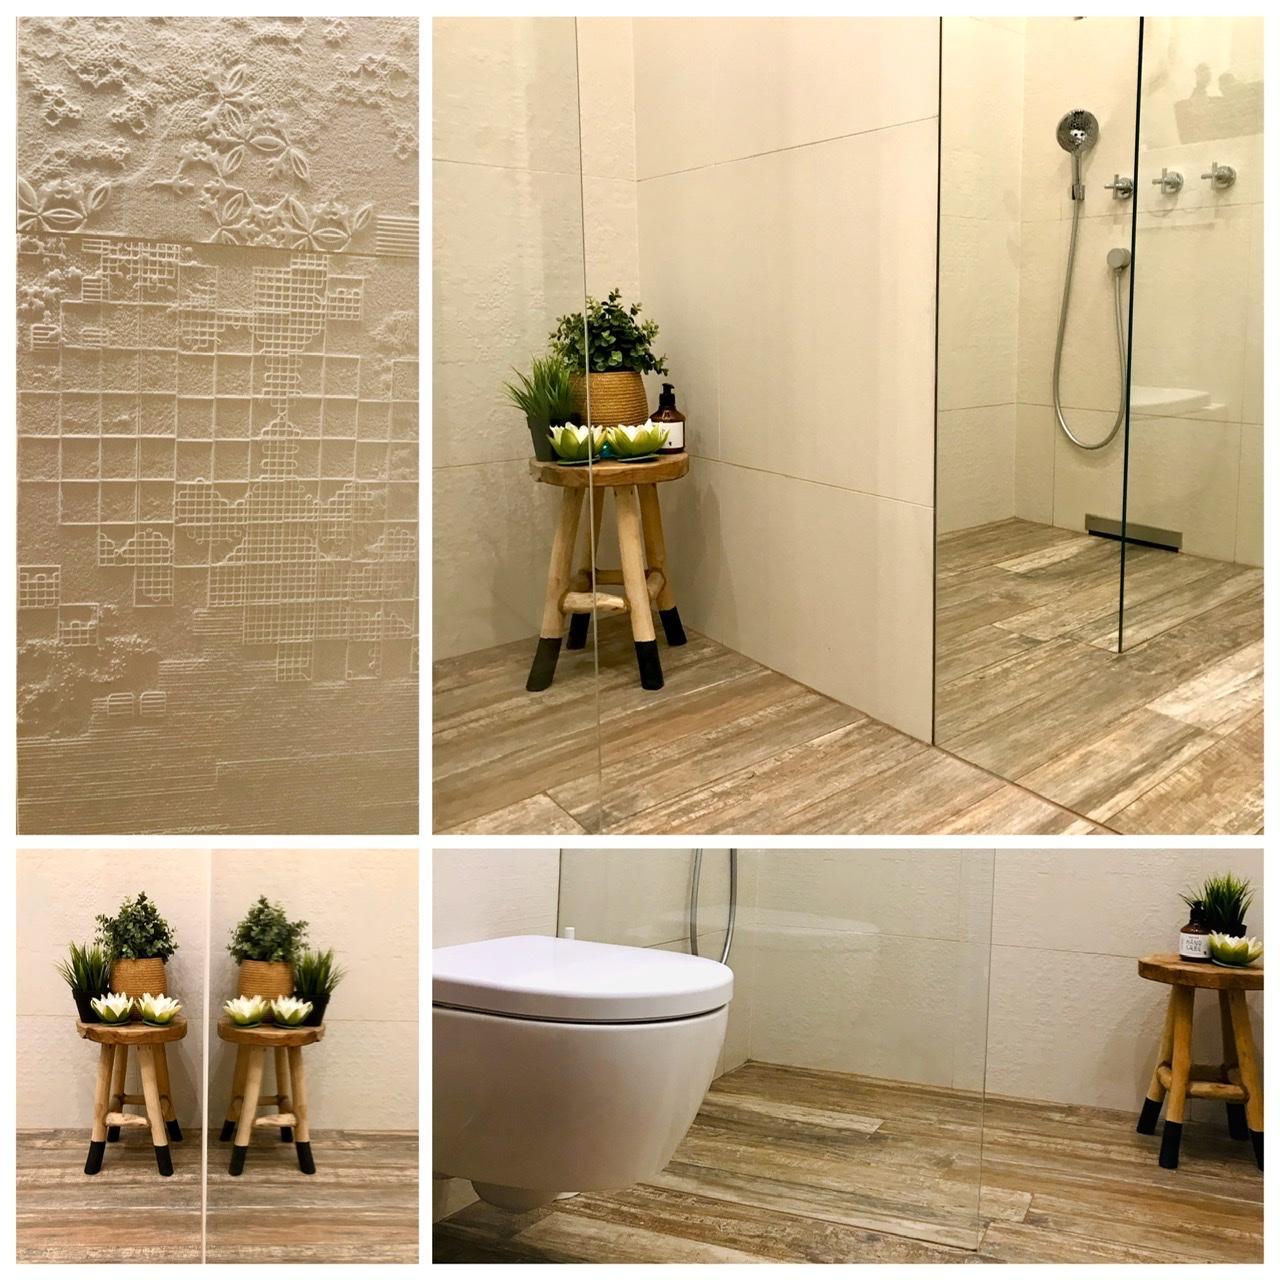 Naše L-ko - 2021 - stále dokončujeme - zrkladlová stena v kúpelni a variacie obkladu Mutina